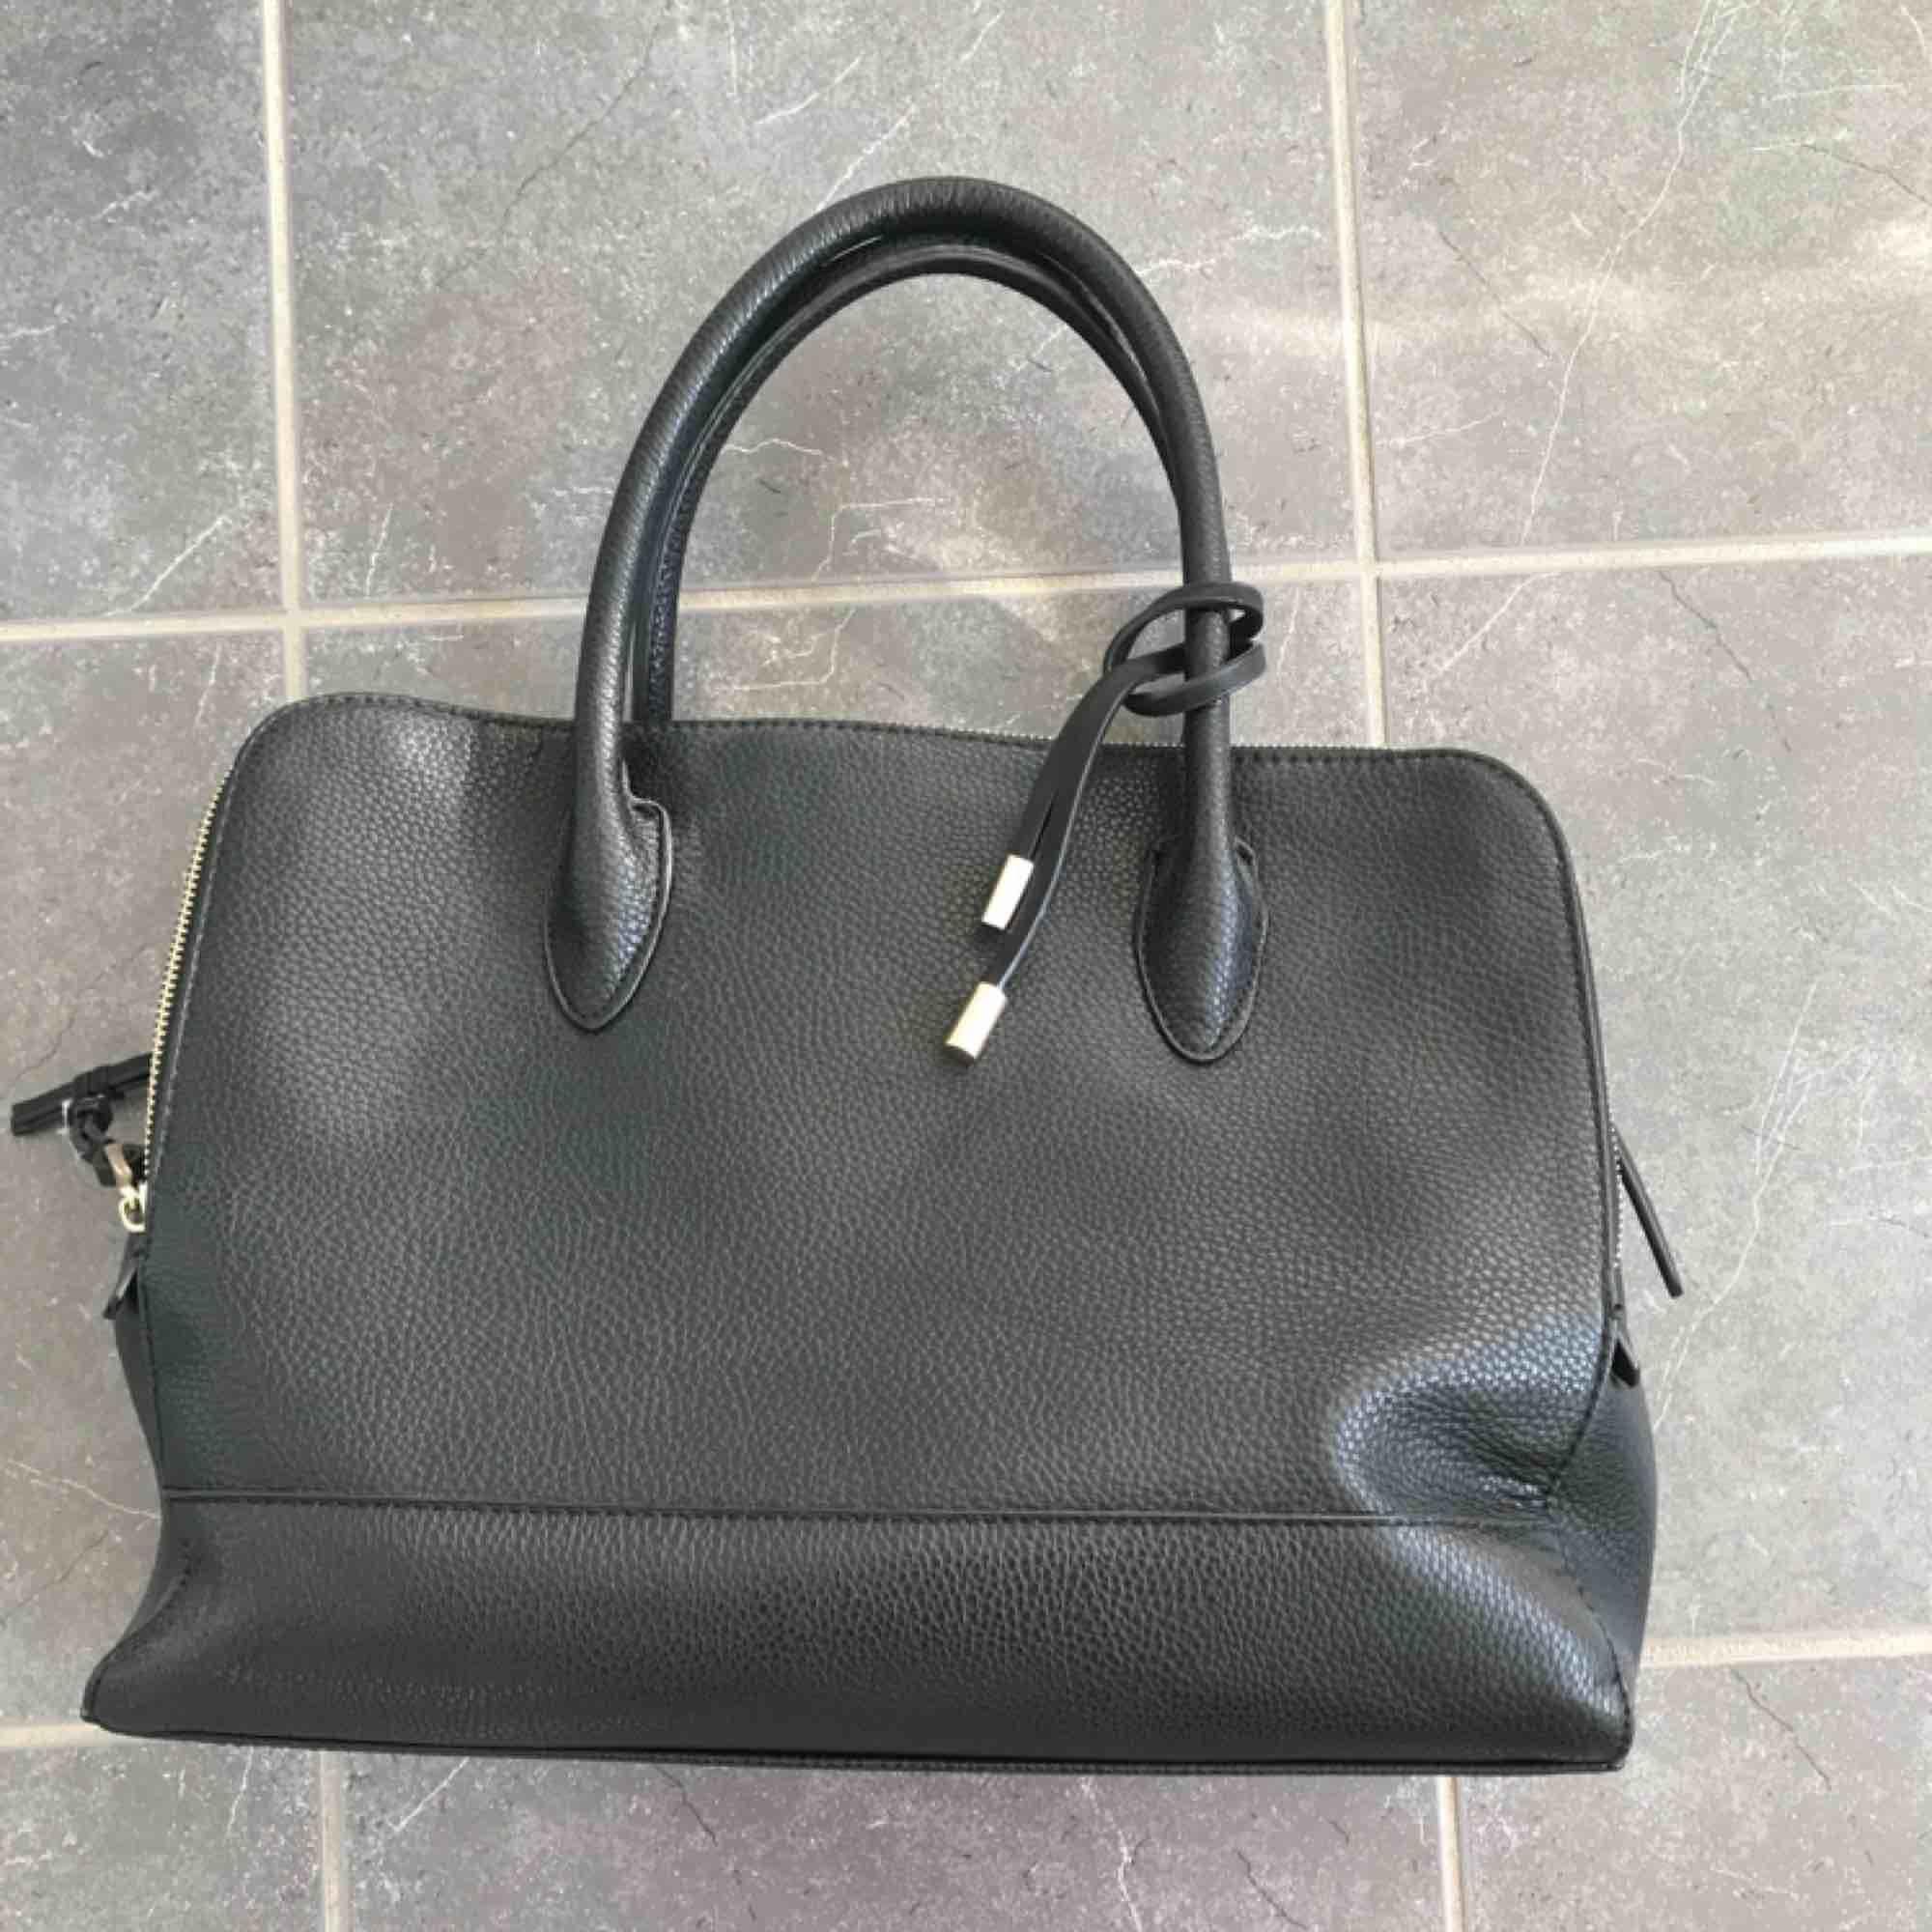 Väska från Zara. Väskor.